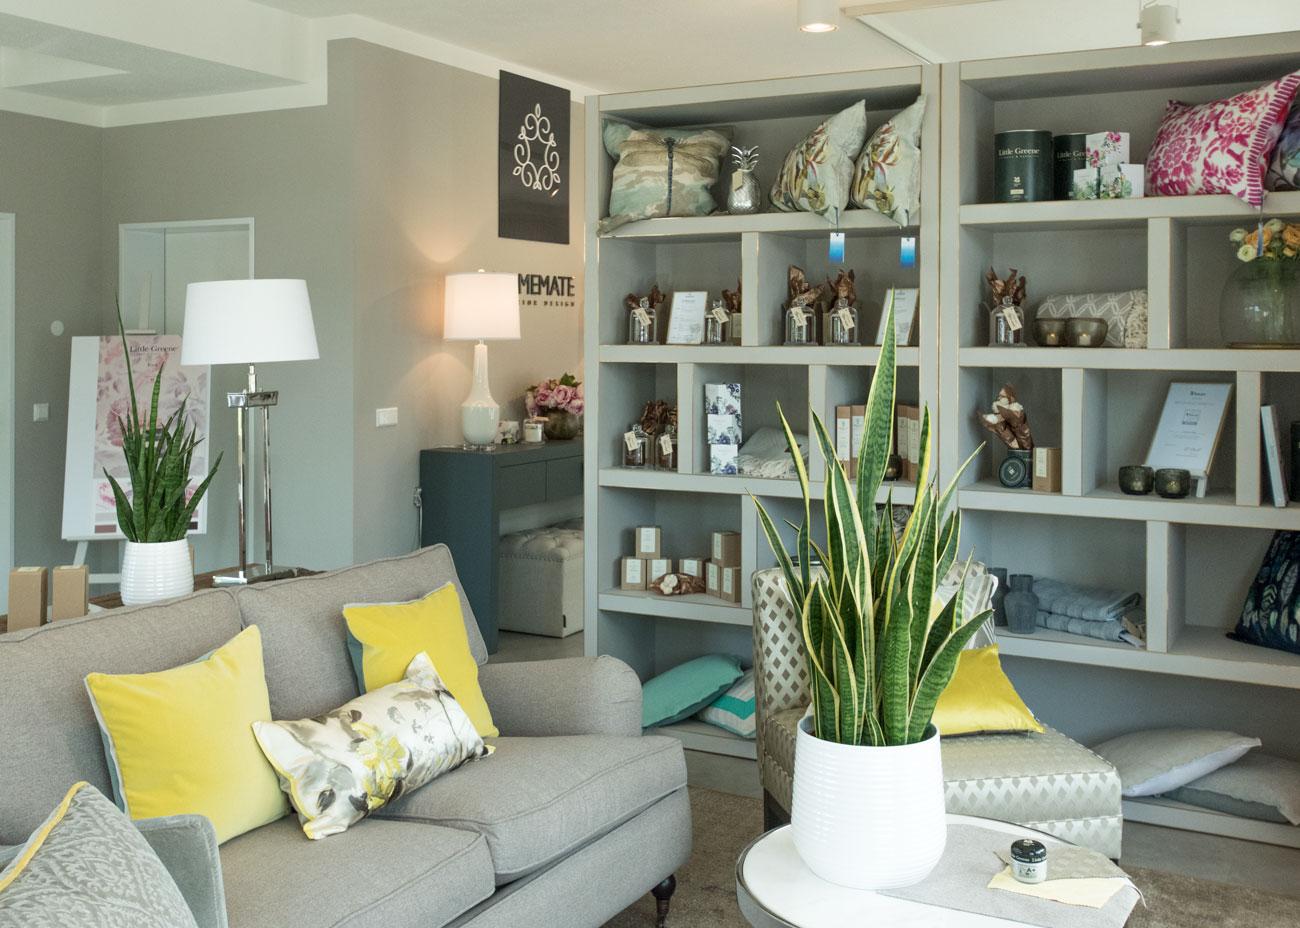 Ausstellungskonzept wohnbereich couch regal leuchten kissen